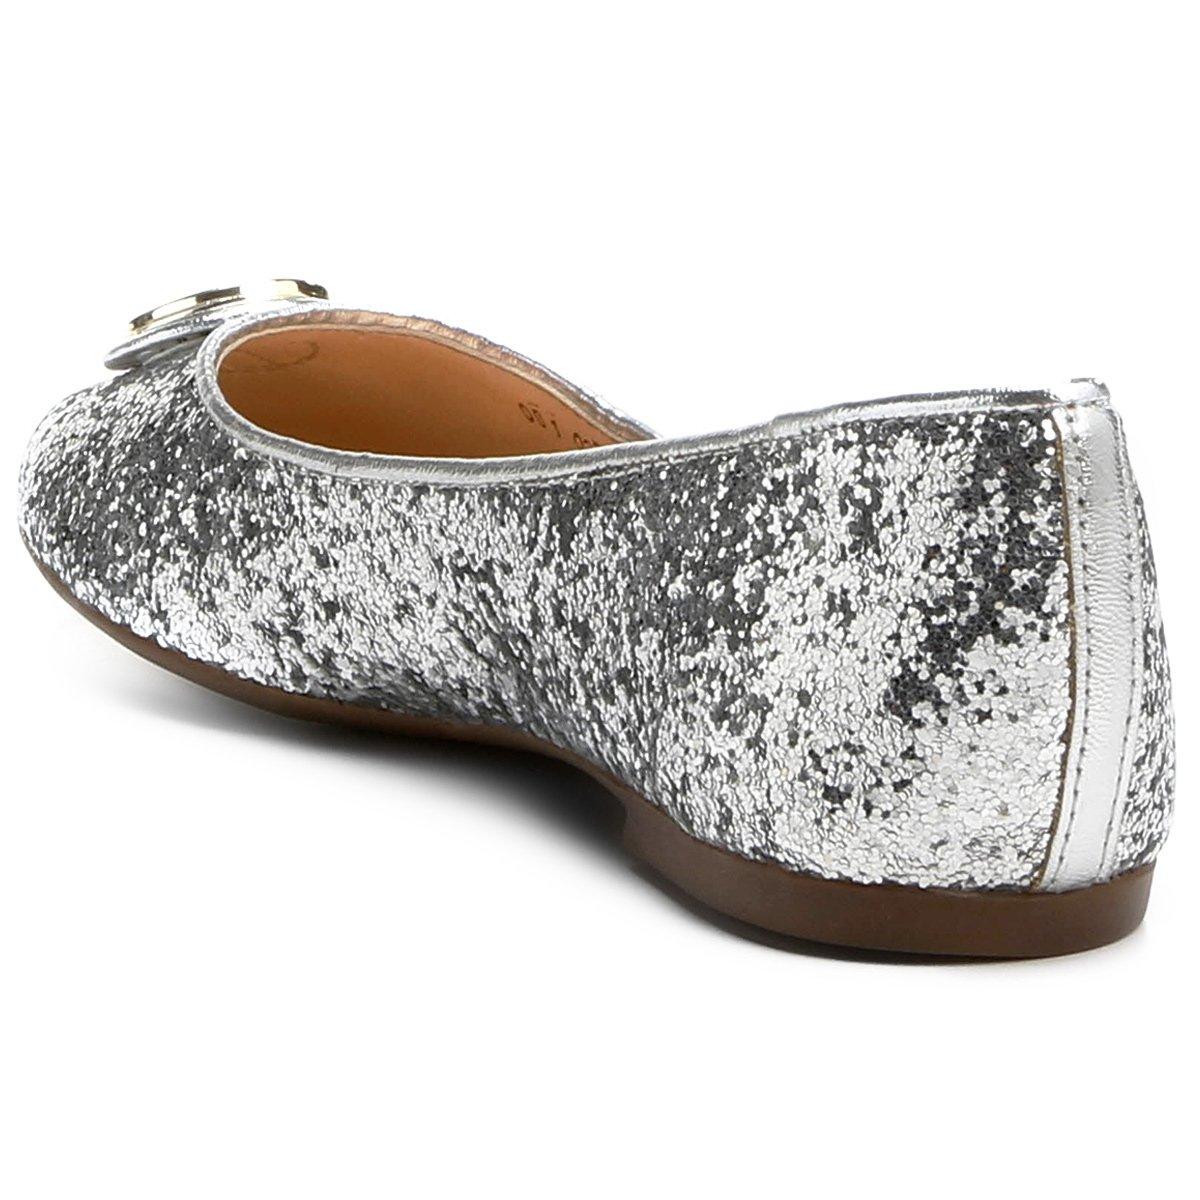 Glitter Sapatilha Medalha Sapatilha Medalha Prata Shoestock Glitter Sapatilha Glitter Sapatilha Prata Shoestock Shoestock Glitter Shoestock Medalha Prata XXw6q0A